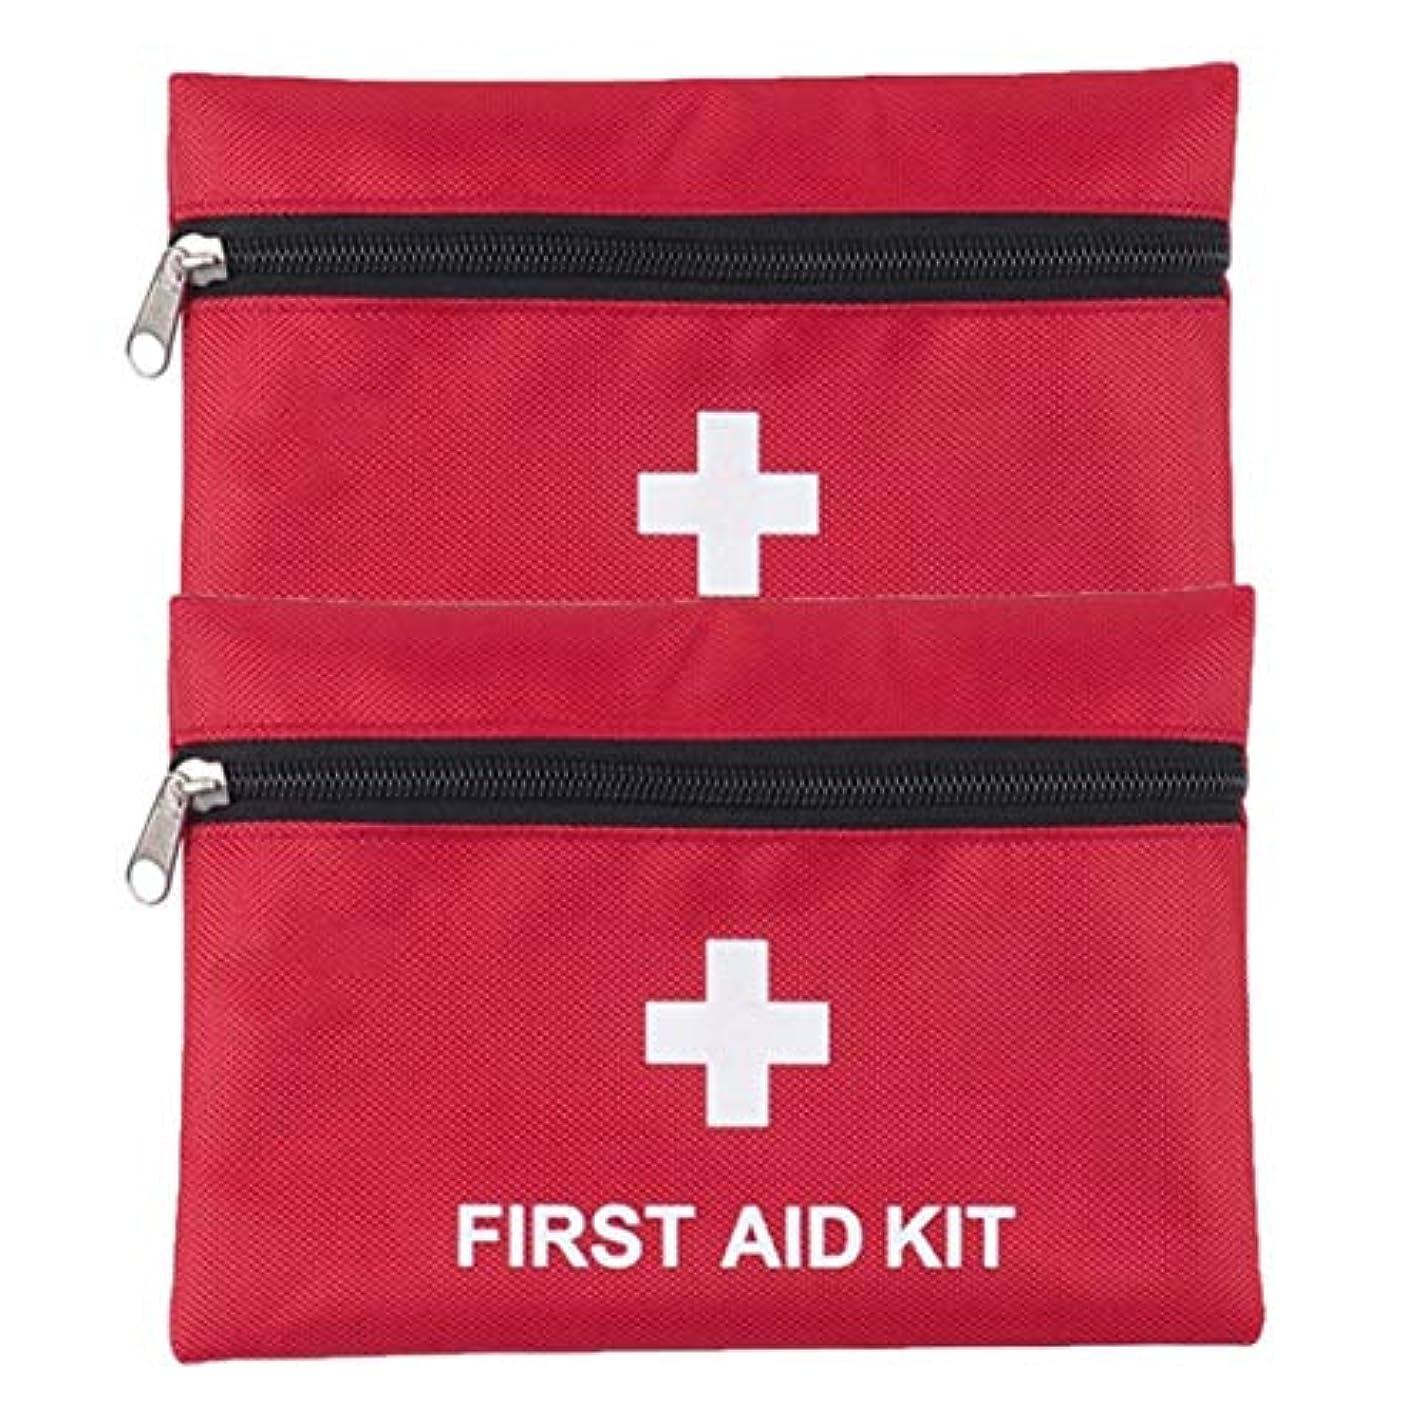 展開する活発マイルド携帯用救急セット 応急手当セット 防災セット 救急 救護 救急バッグ